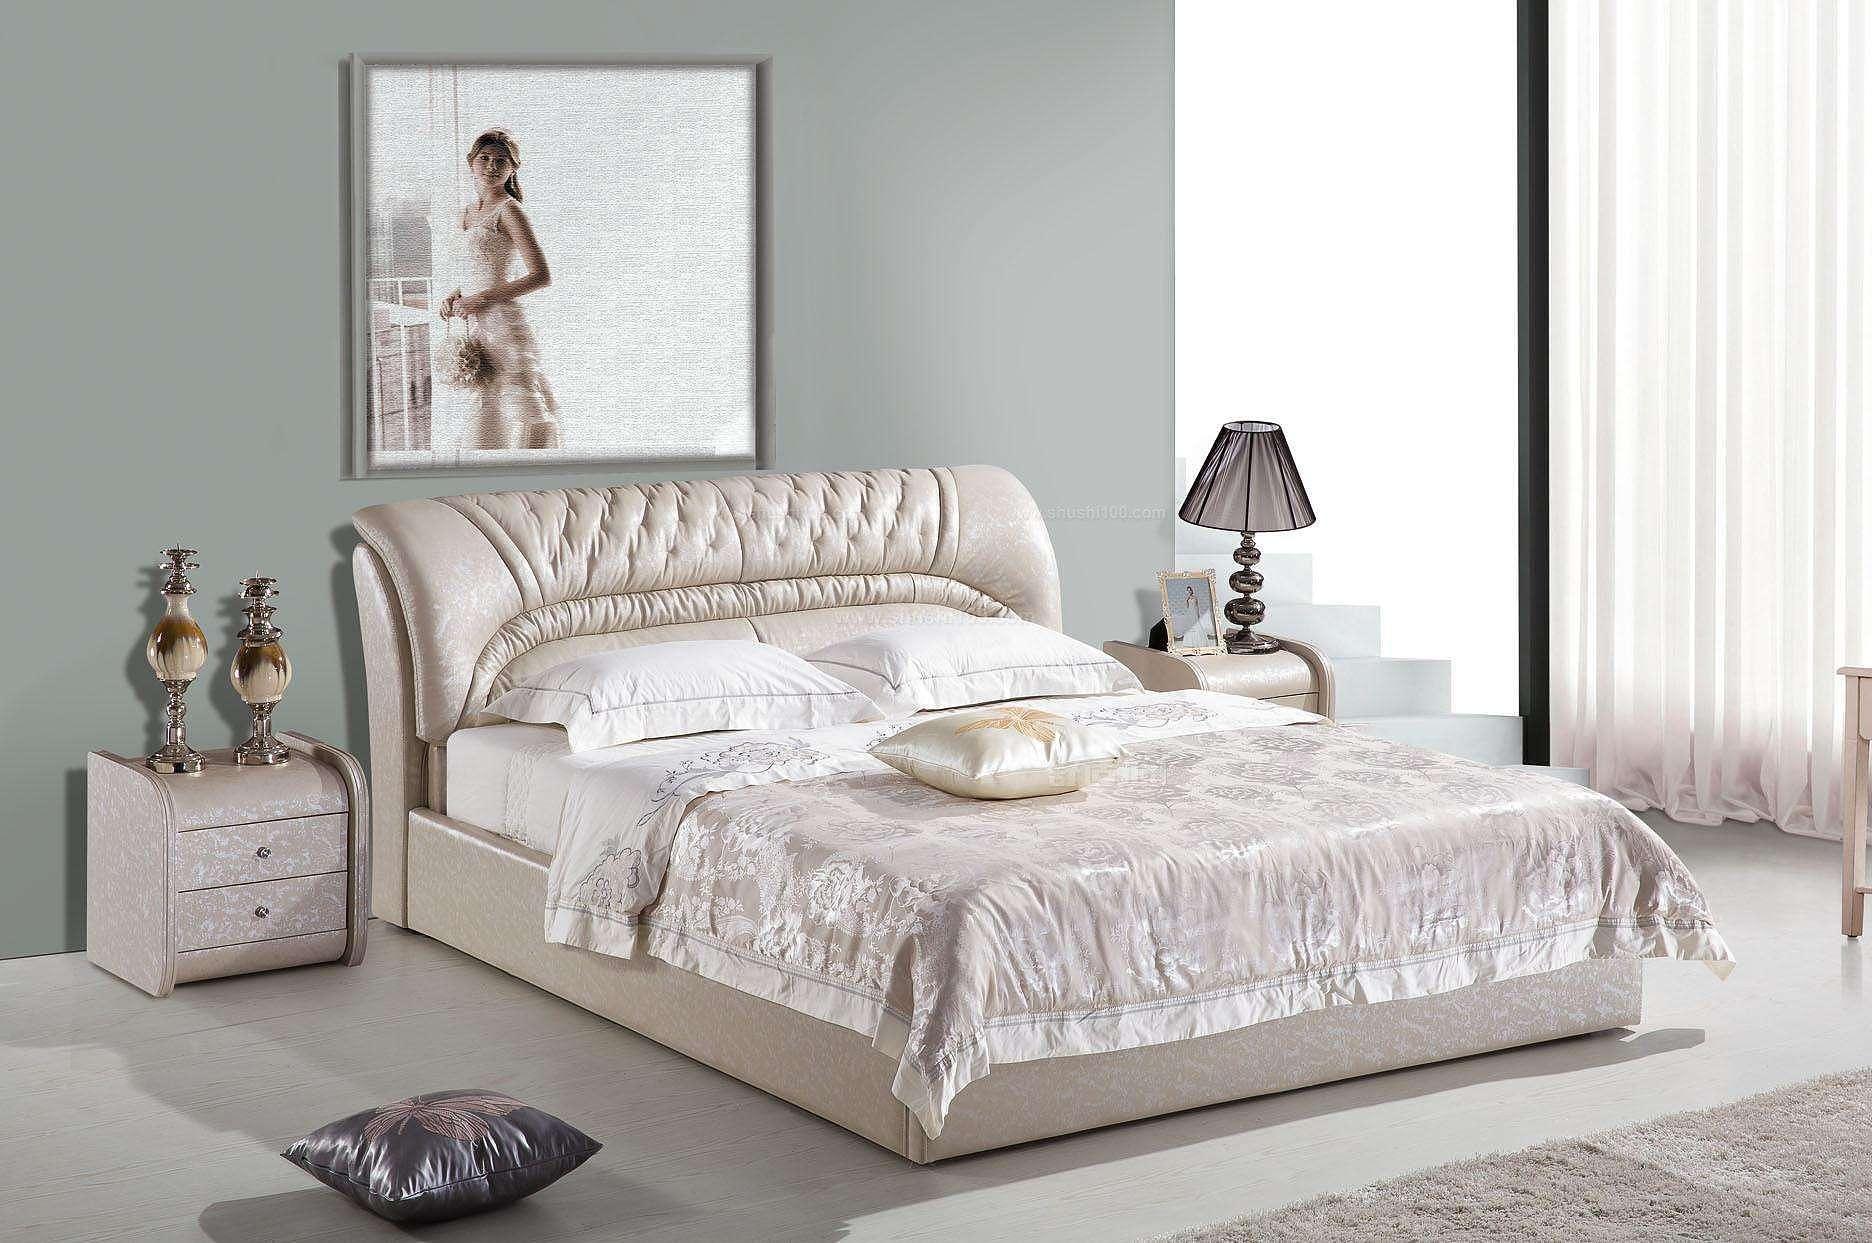 卧室床摆放在哪个位置会招财